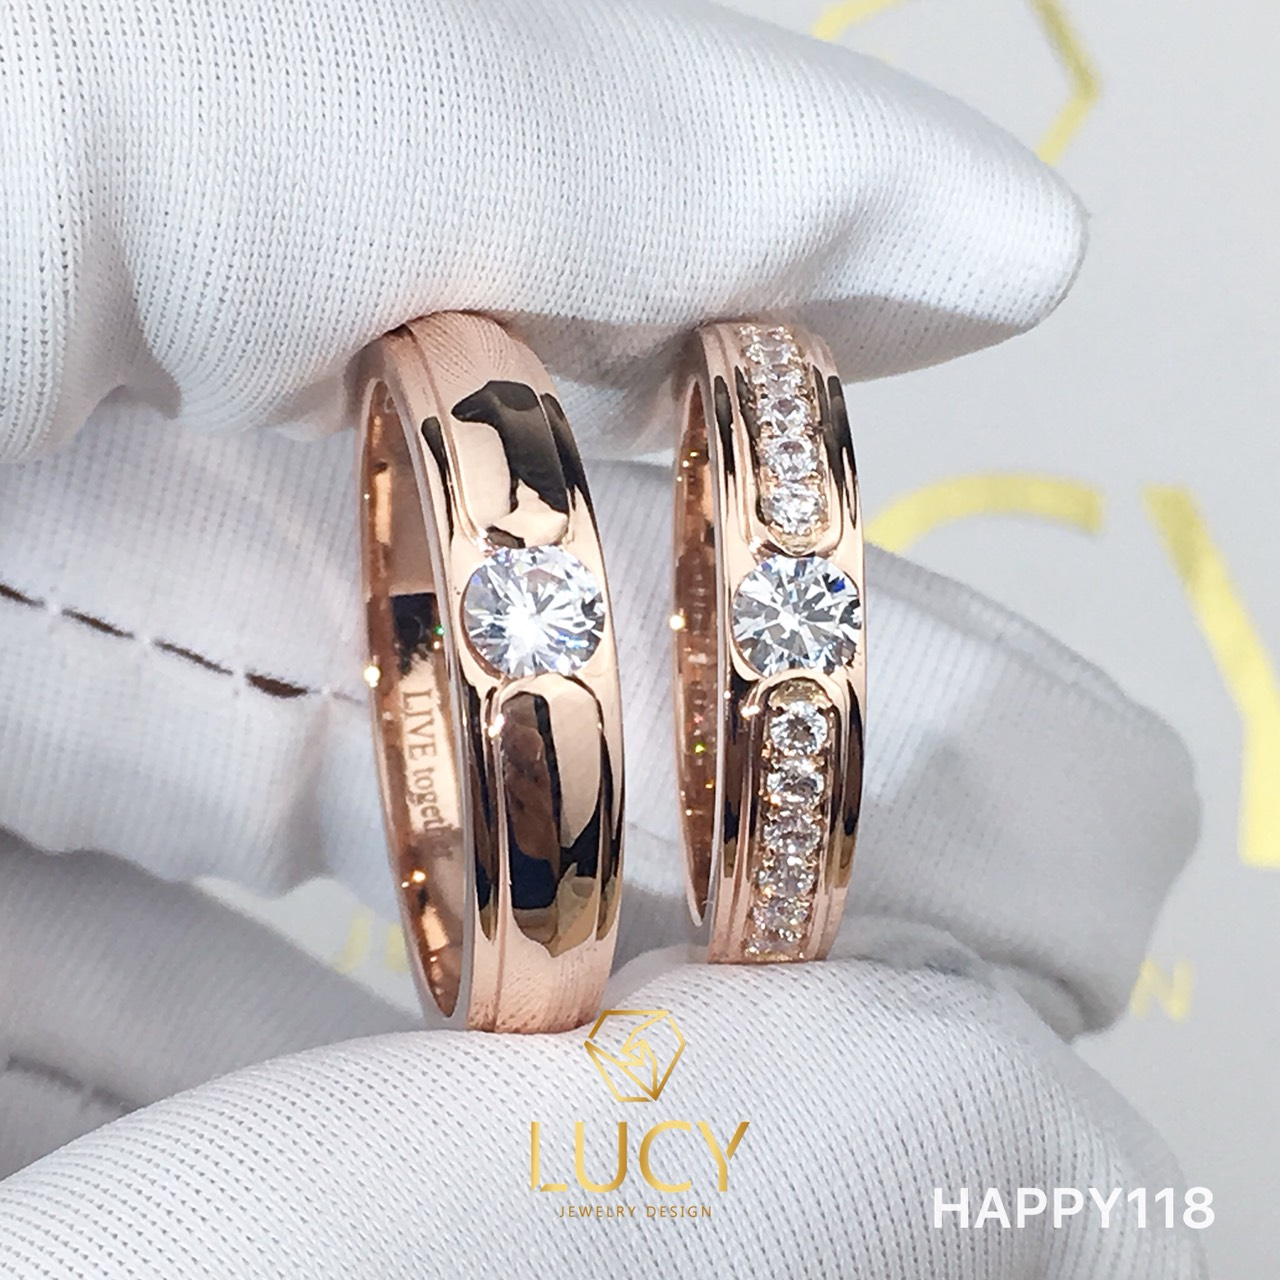 HAPPY118 Nhẫn cưới thiết kế, nhẫn cưới đẹp, nhẫn cưới cao cấp, nhẫn cưới kim cương 4.0mm 3.6mm - Lucy Jewelry